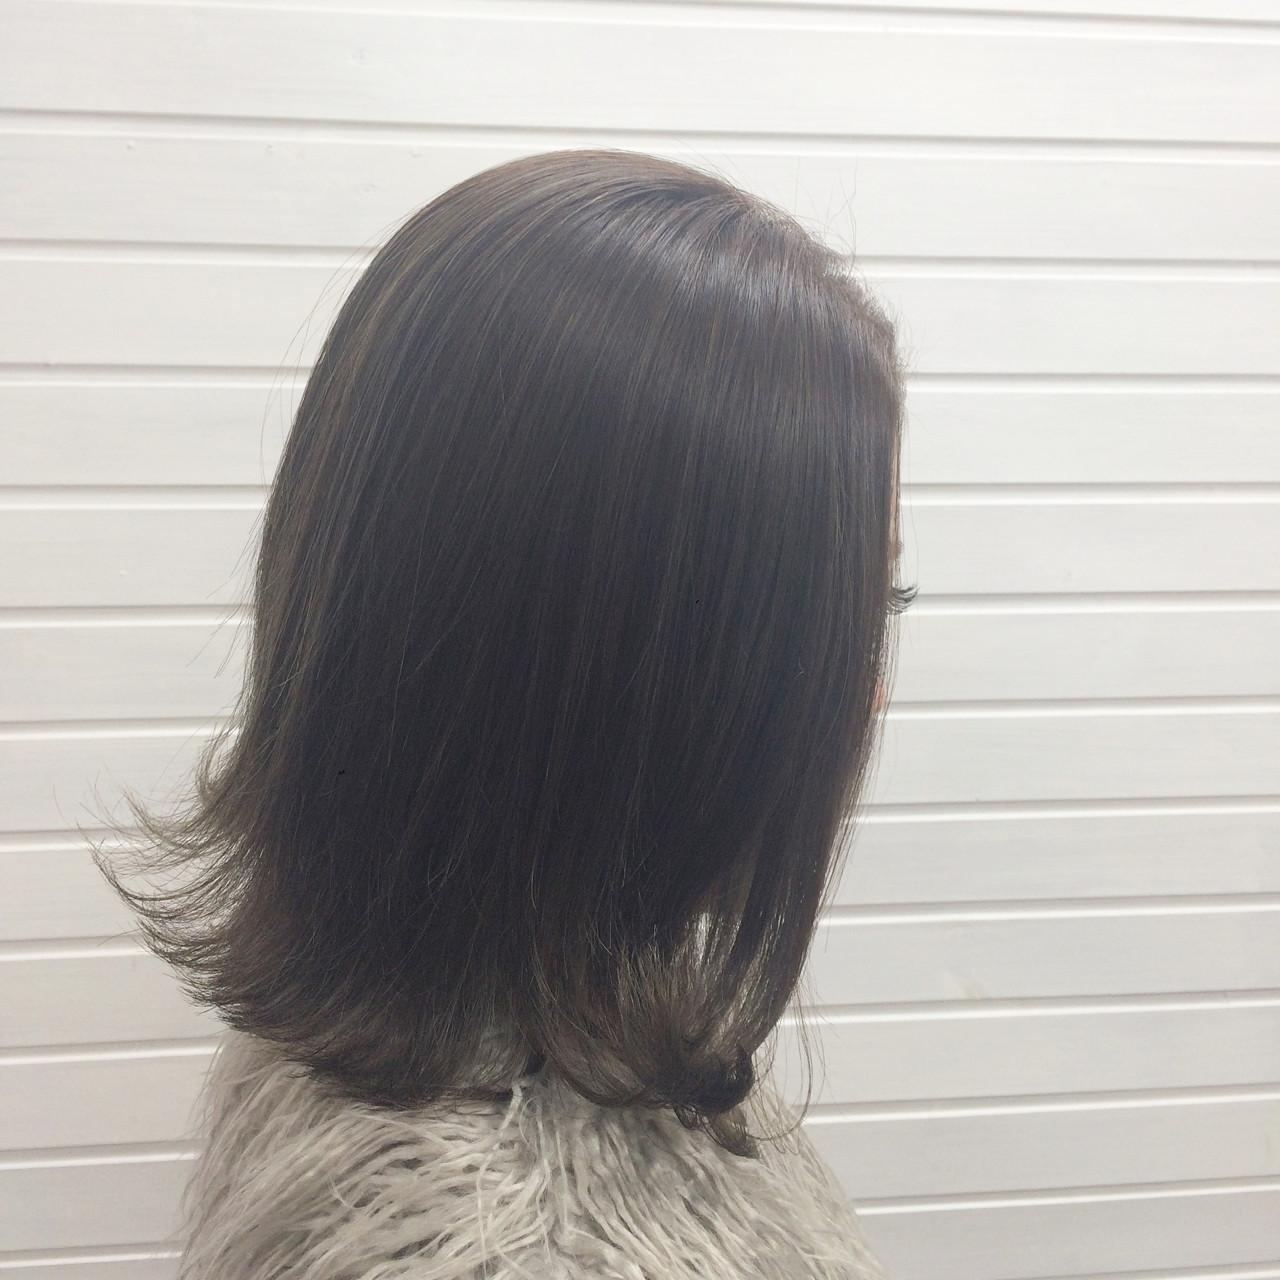 ストリート 外ハネ 冬 ハイライト ヘアスタイルや髪型の写真・画像